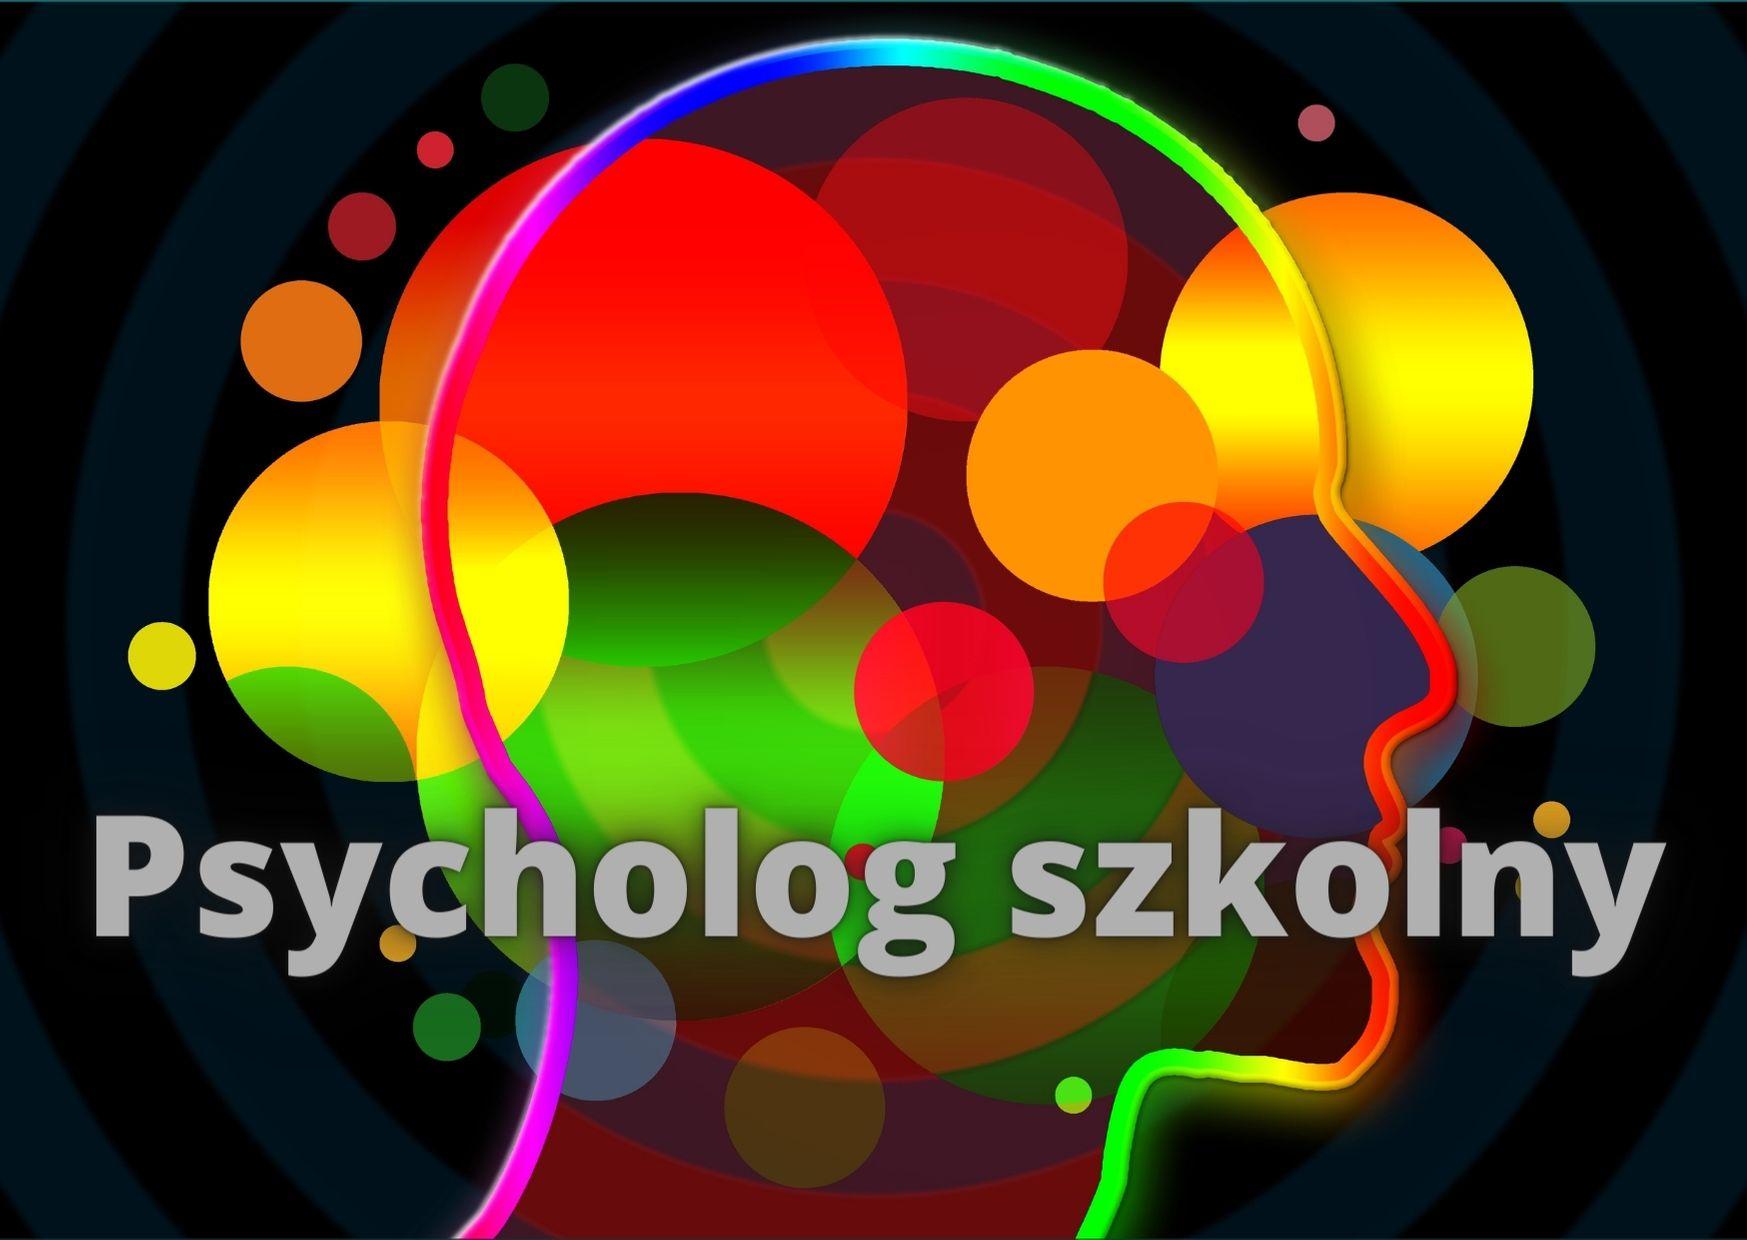 W naszej szkole jest już psycholog!